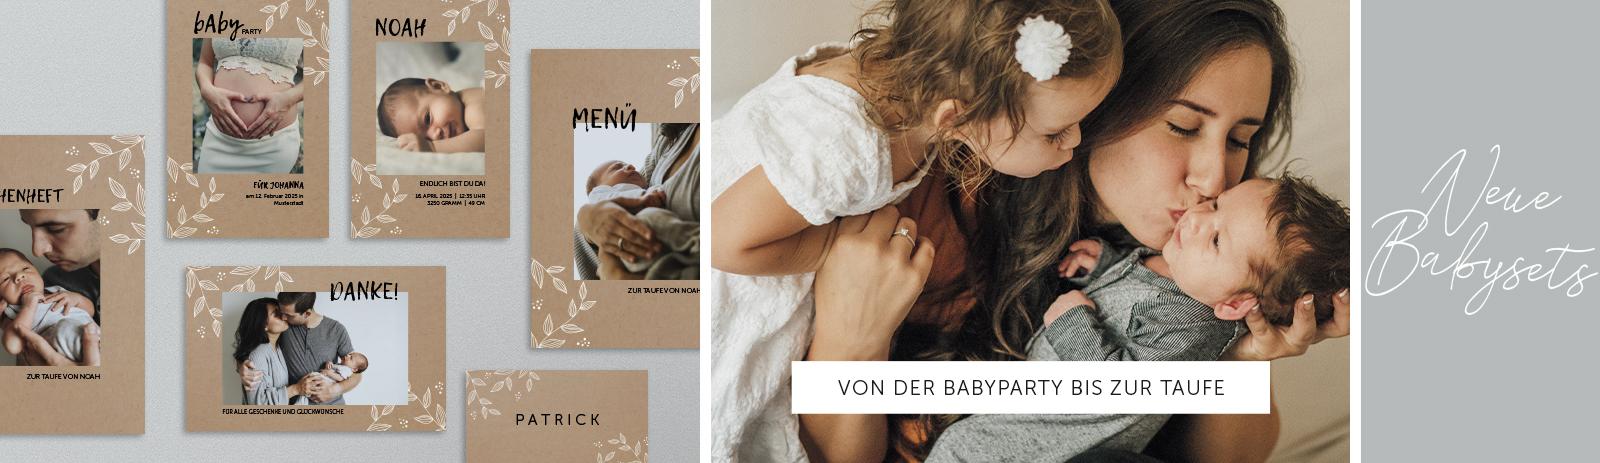 Geburt & Taufe